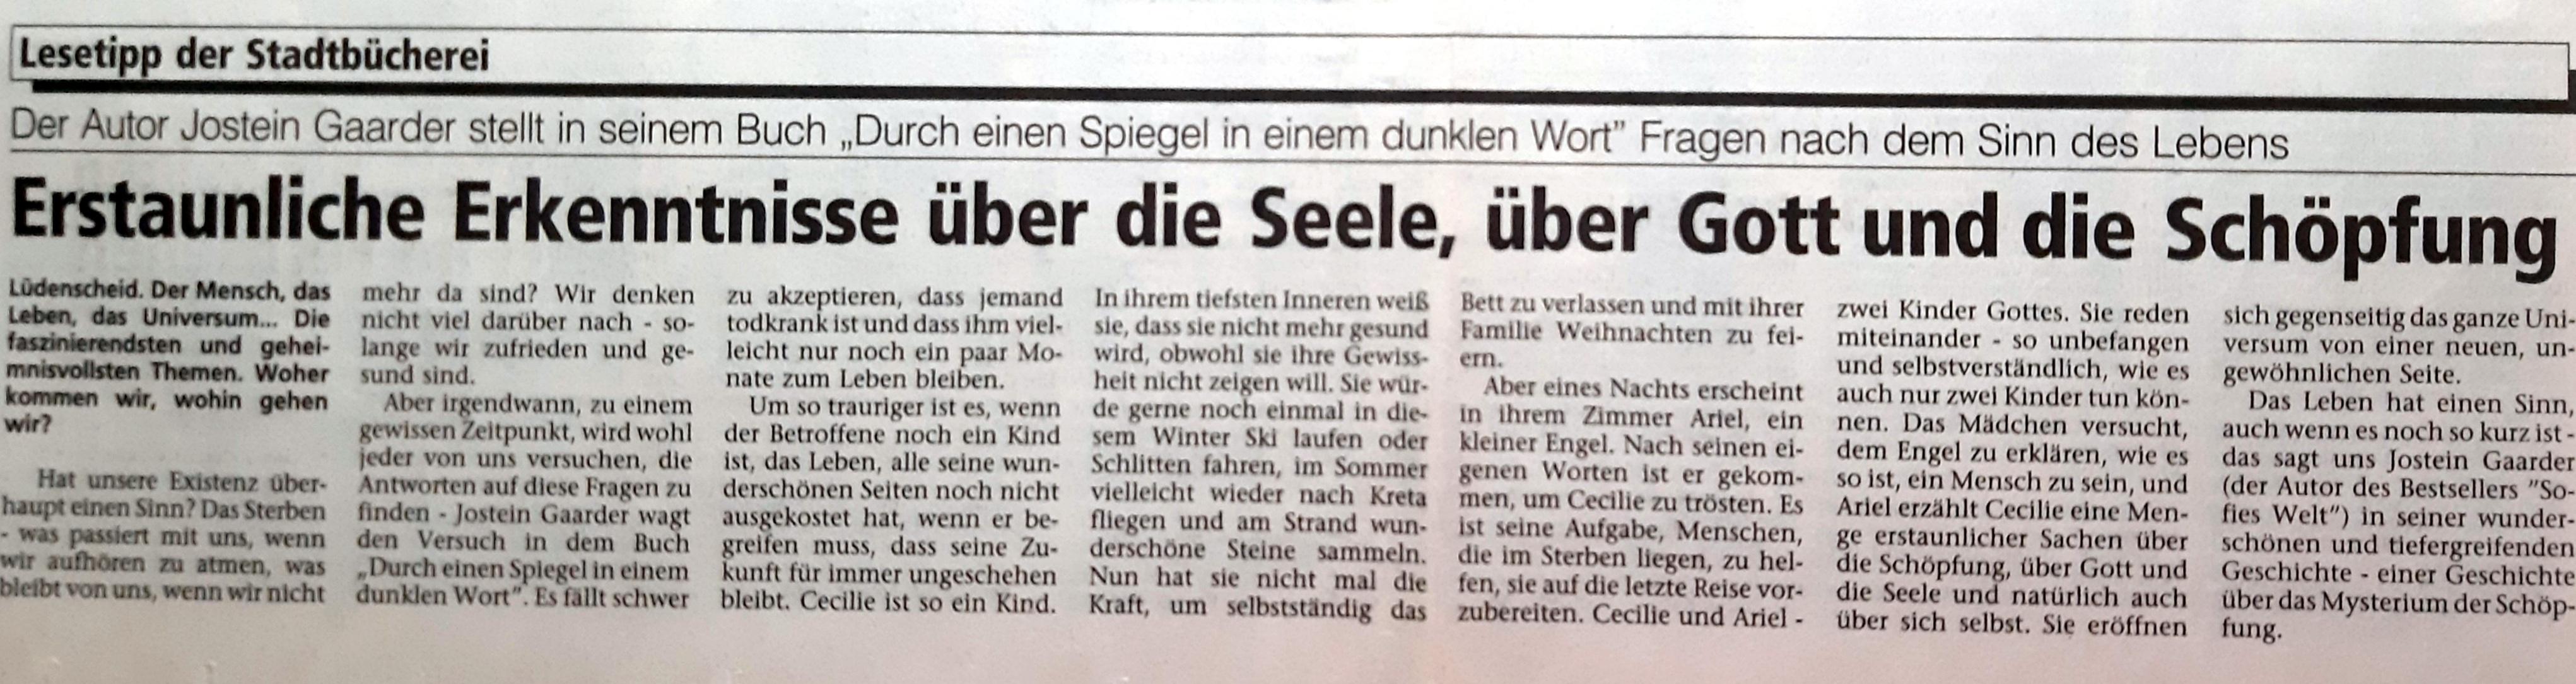 Zeitungsartikel - Lesetipp der Stadtbücherei Lüdenscheid